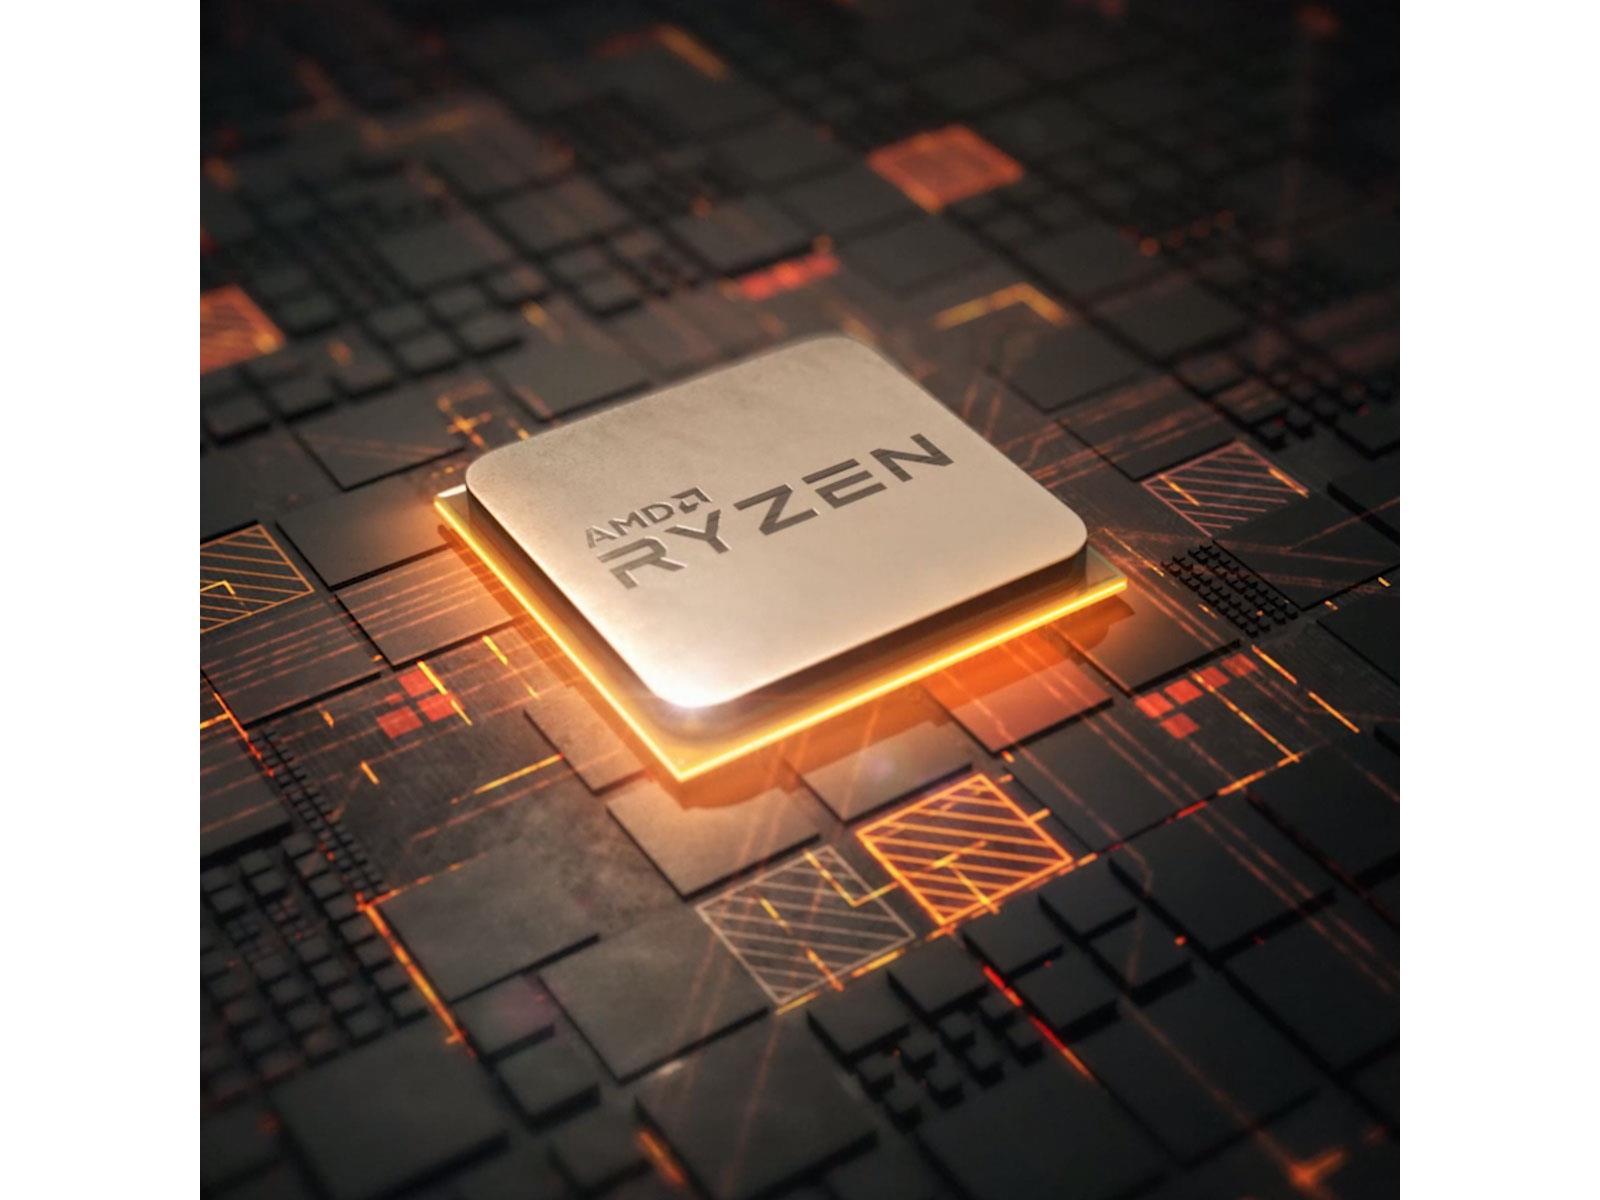 Relentless AMD Completes Zen 3 Design To Take On Intel In 2020, Zen